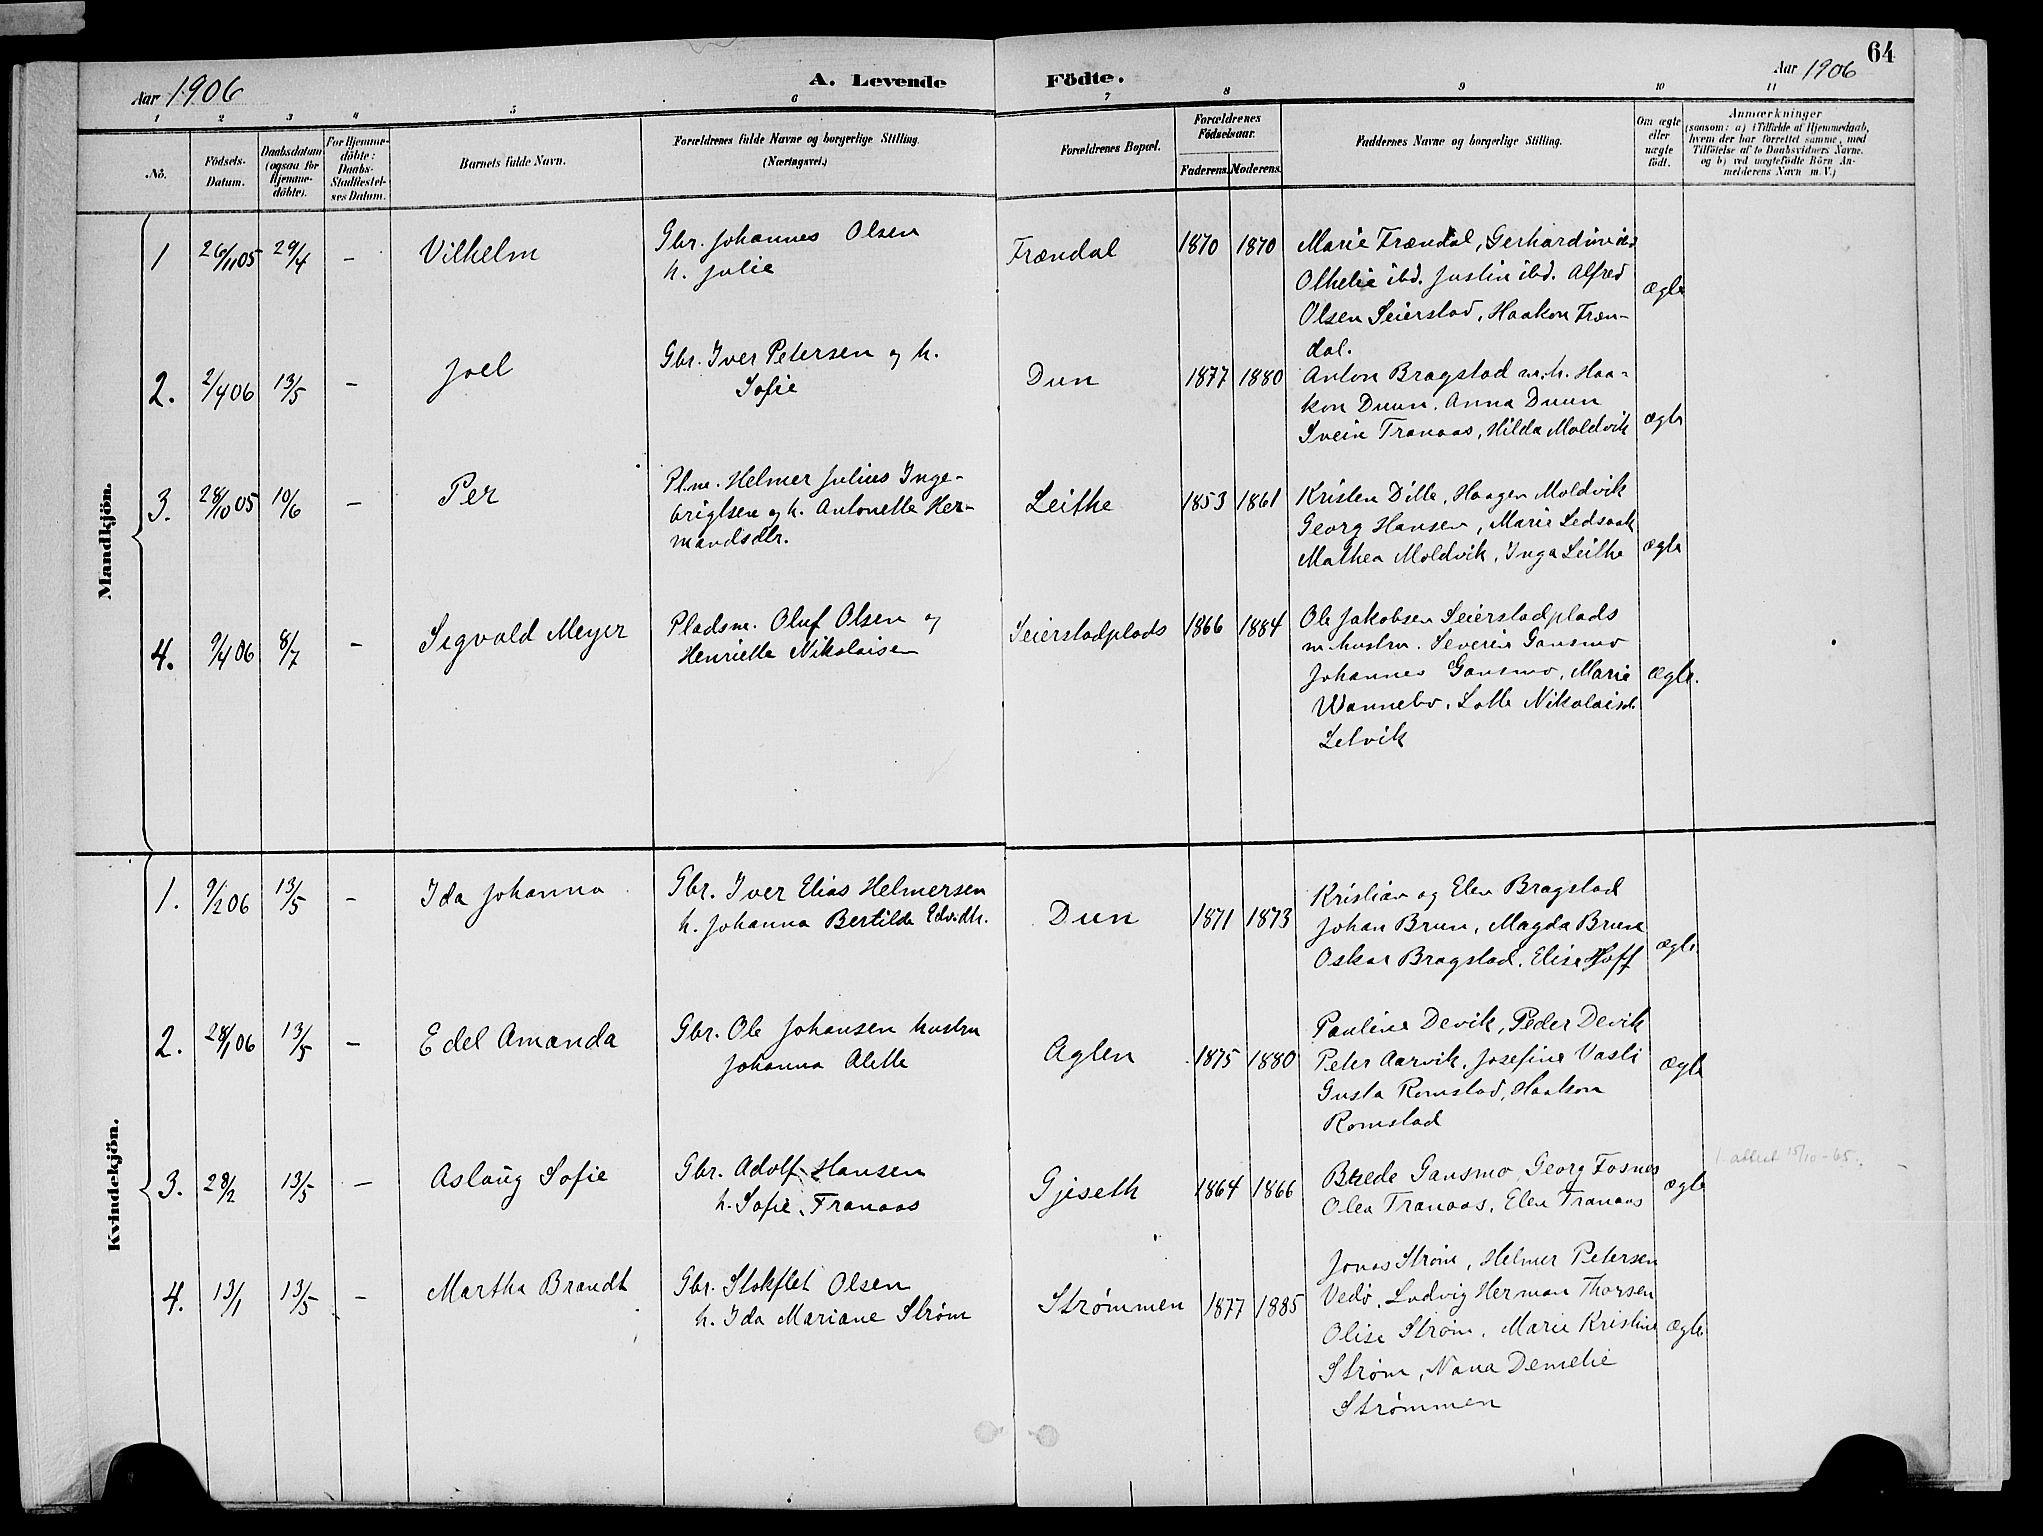 SAT, Ministerialprotokoller, klokkerbøker og fødselsregistre - Nord-Trøndelag, 773/L0617: Ministerialbok nr. 773A08, 1887-1910, s. 64